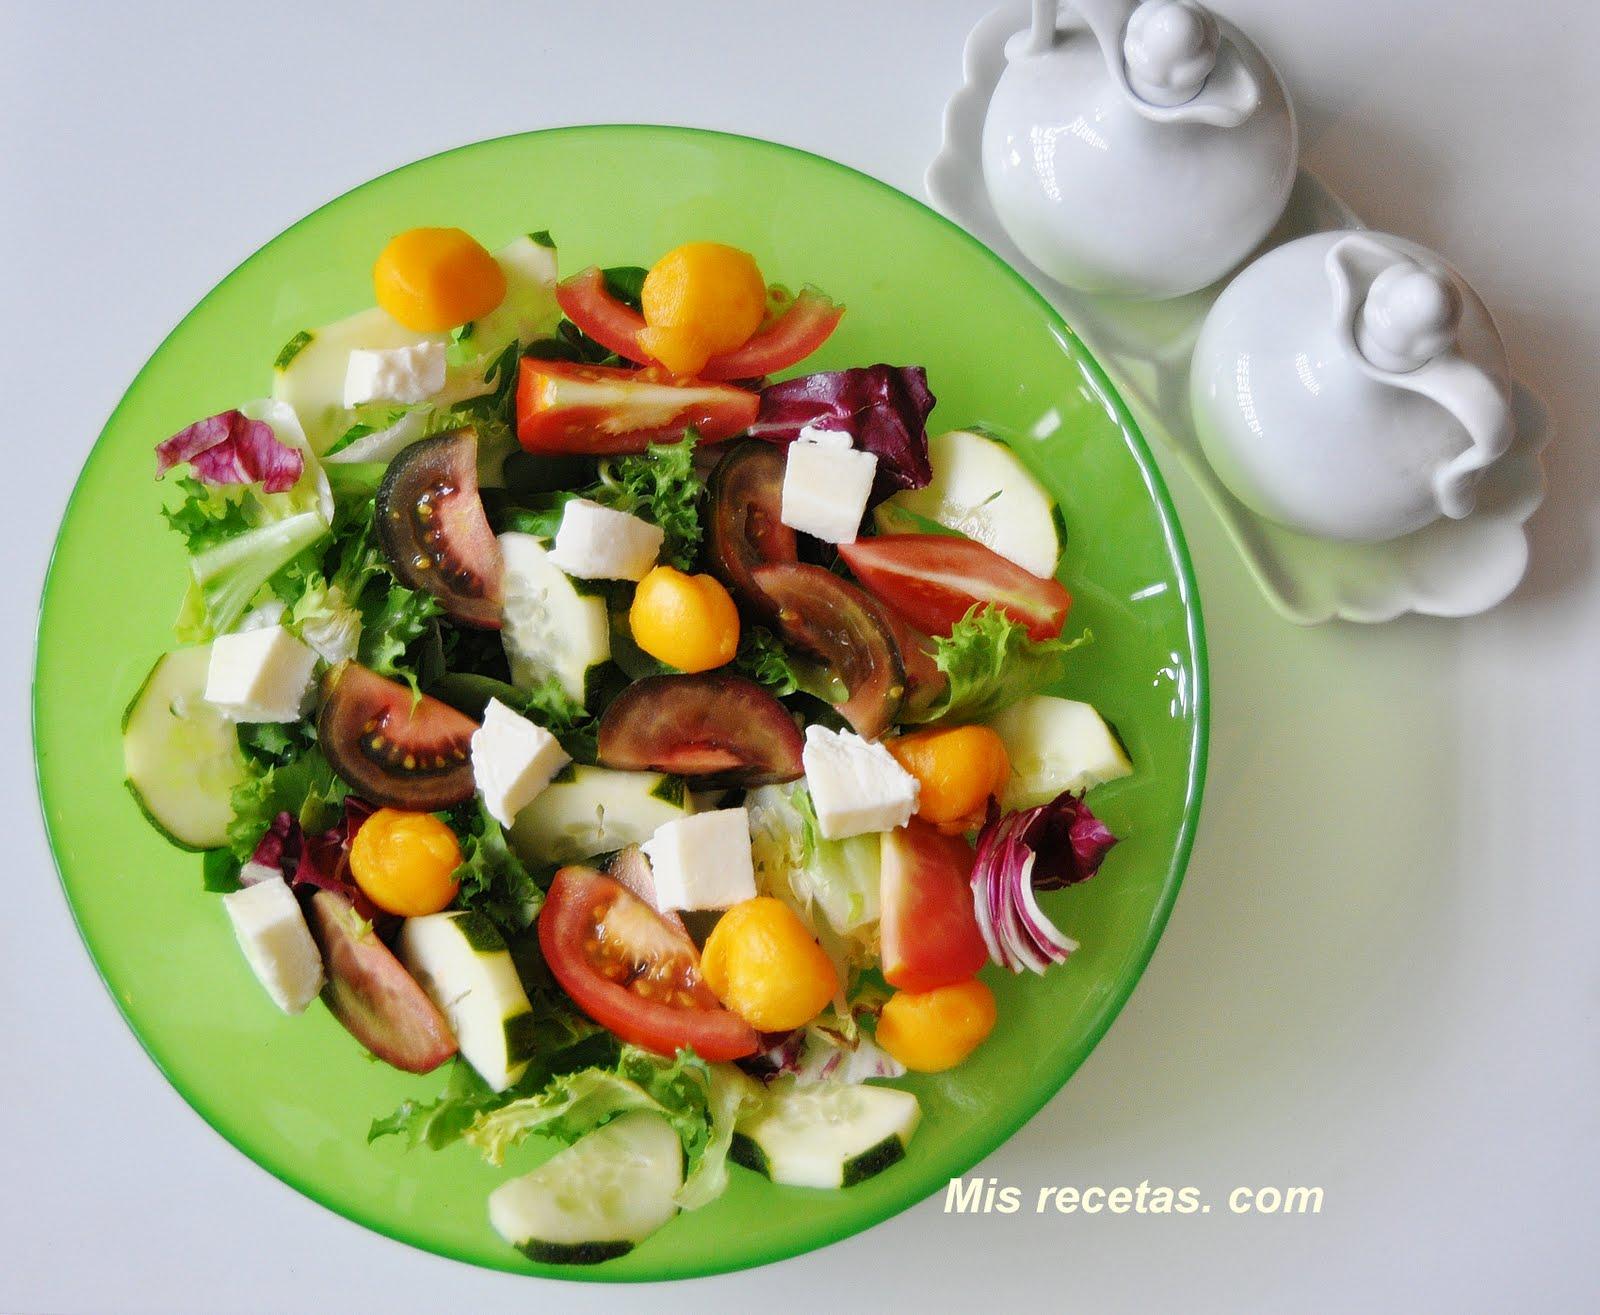 Mis recetas com ensalada de melocot n y mozzarella - Ensaladas gourmet faciles ...